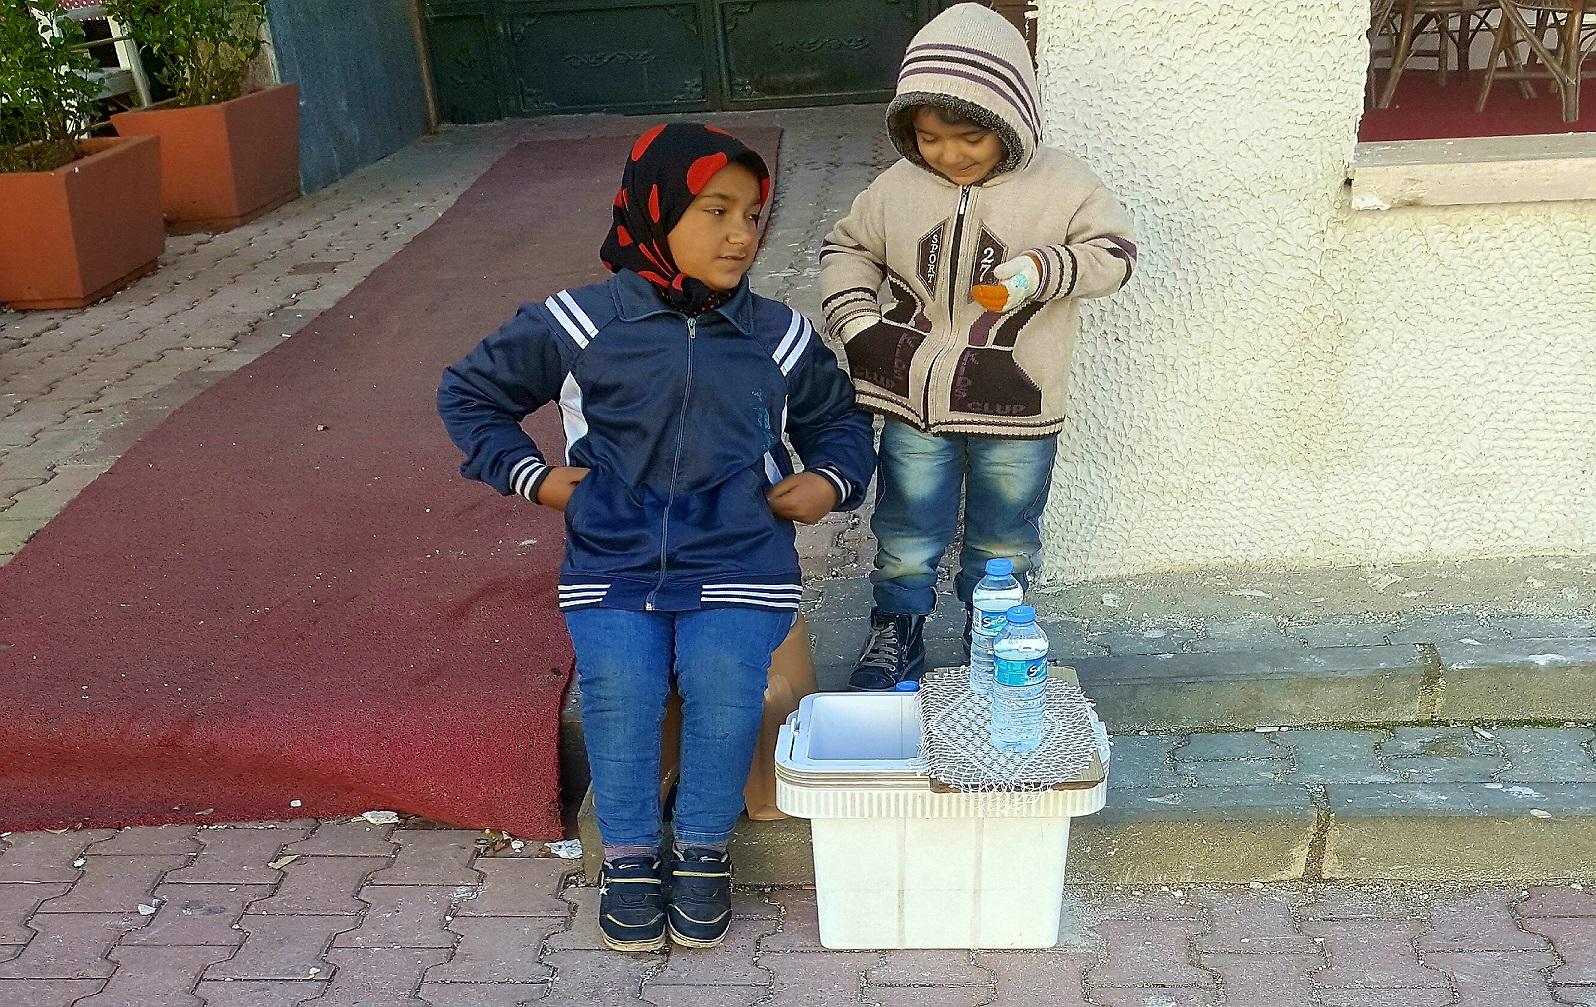 الأطفال السوريين المتسولين